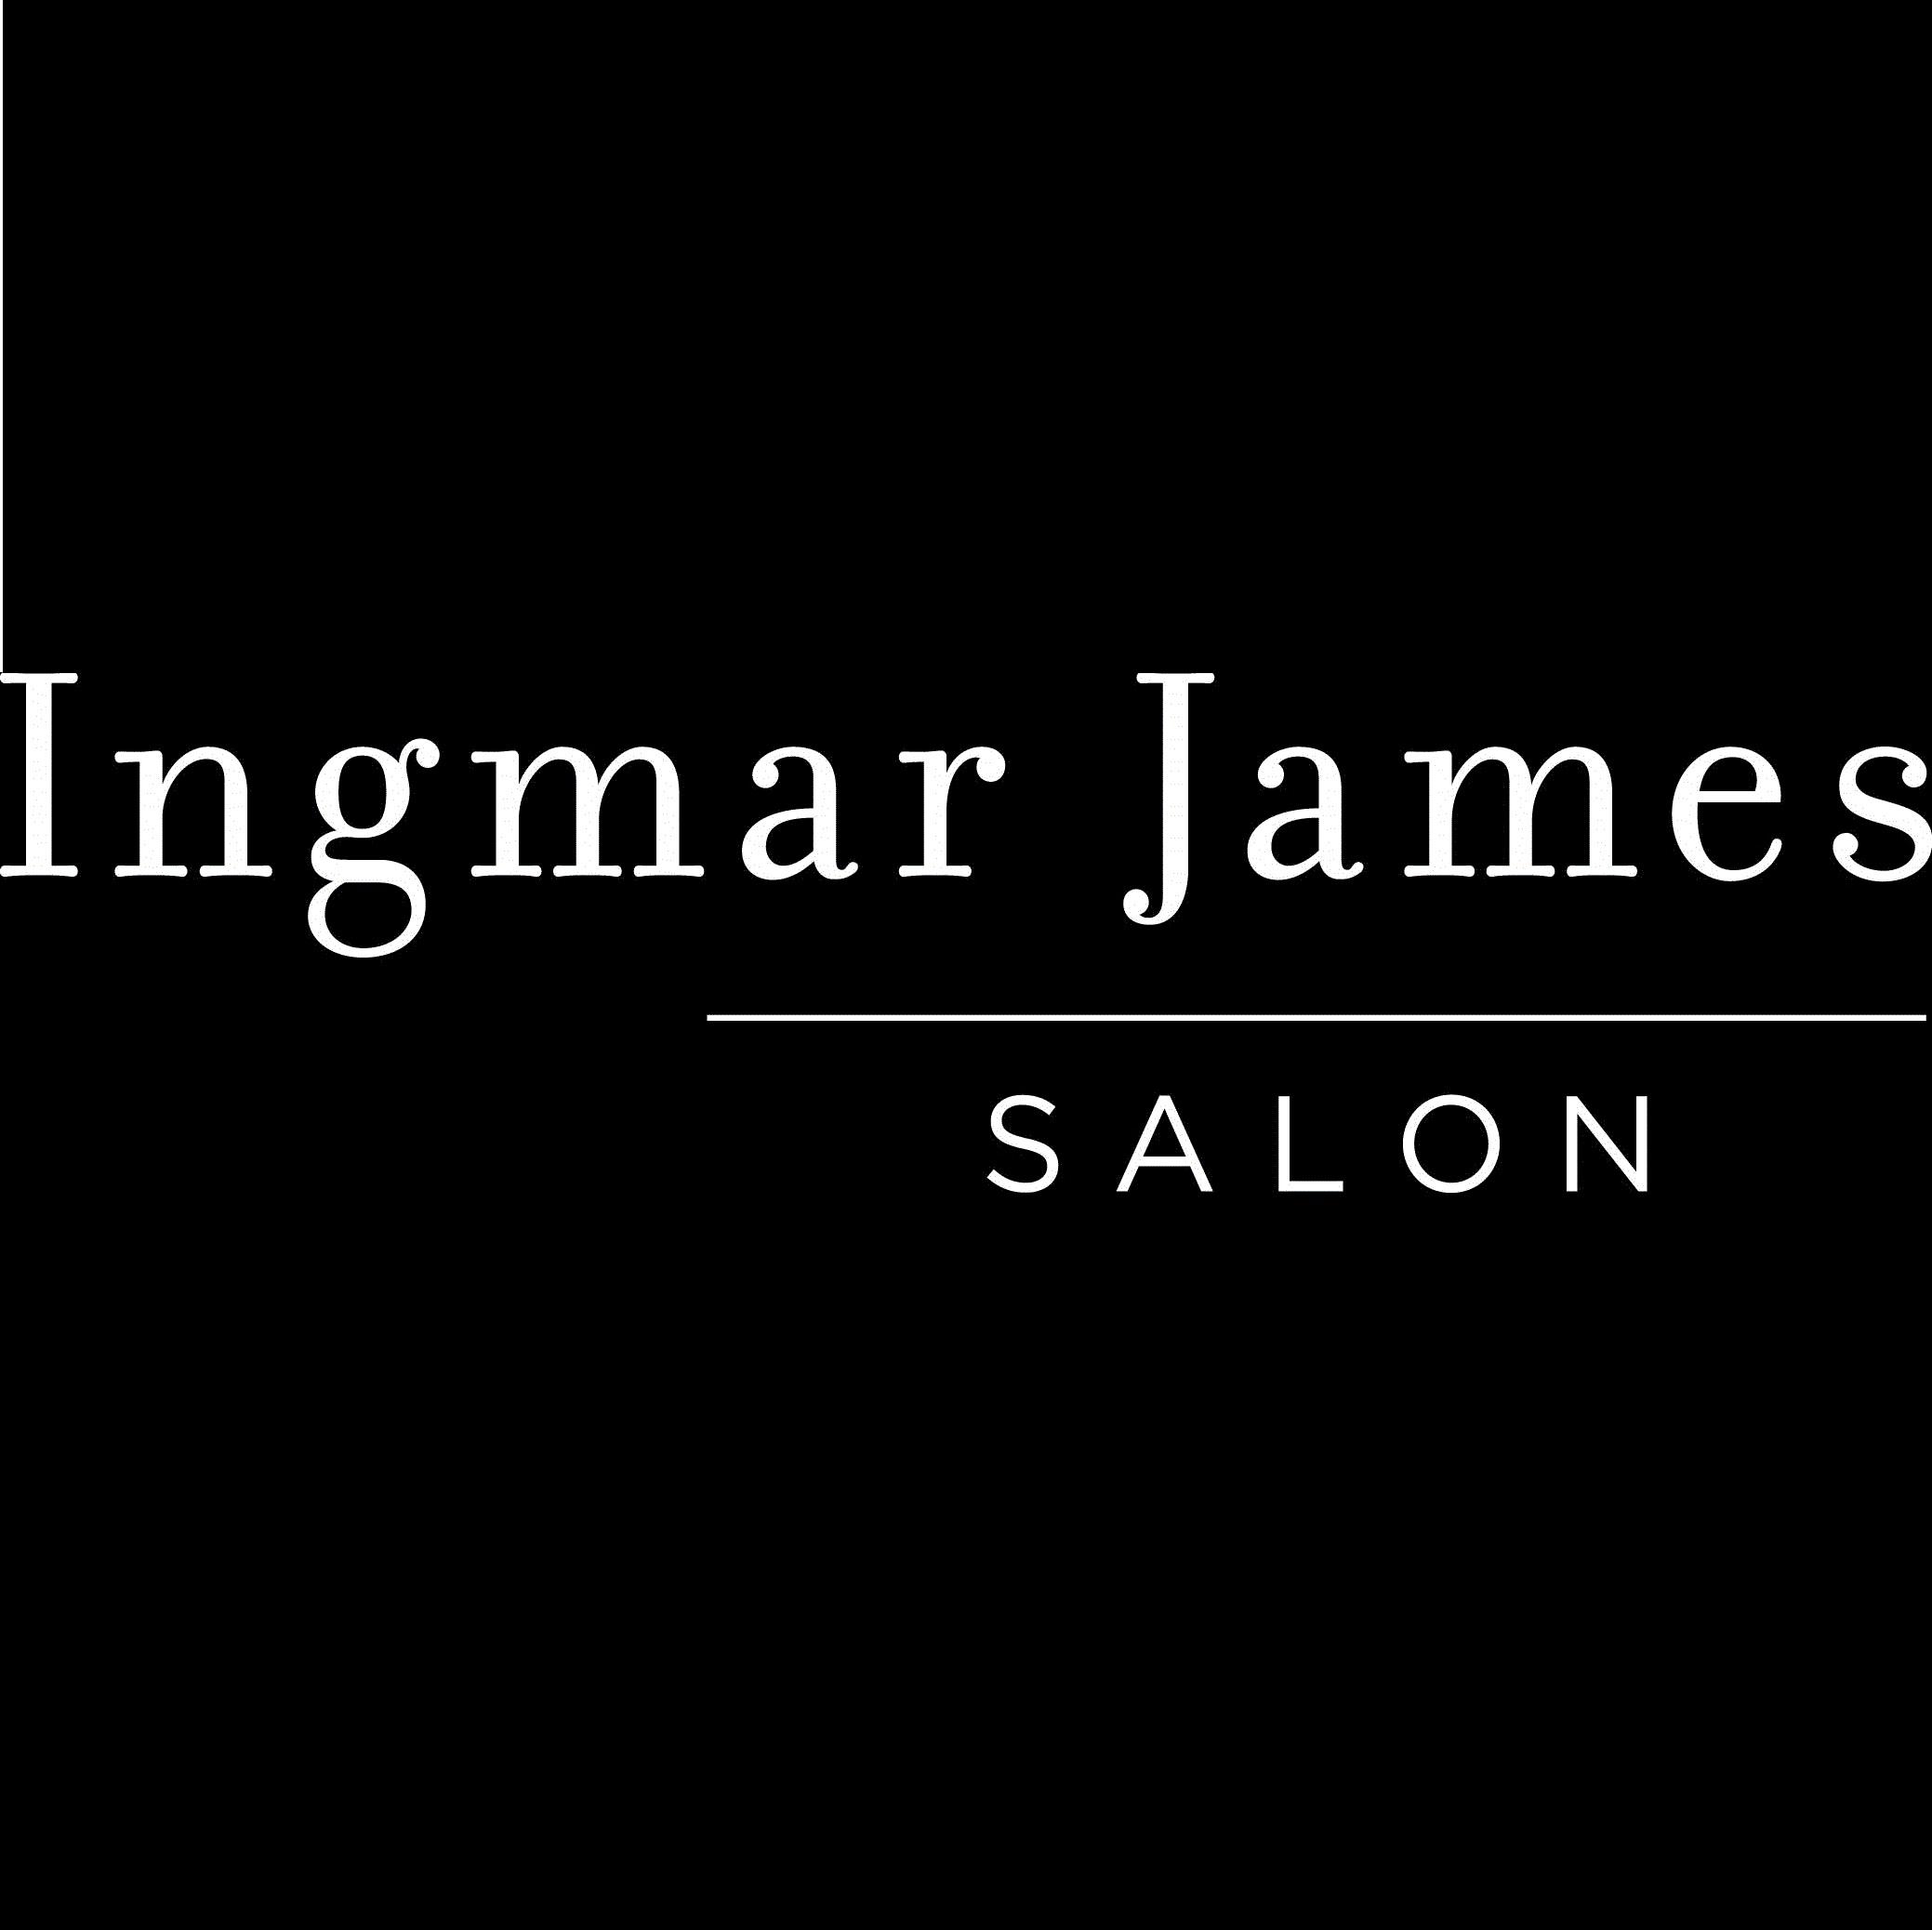 Ingmar James Salon